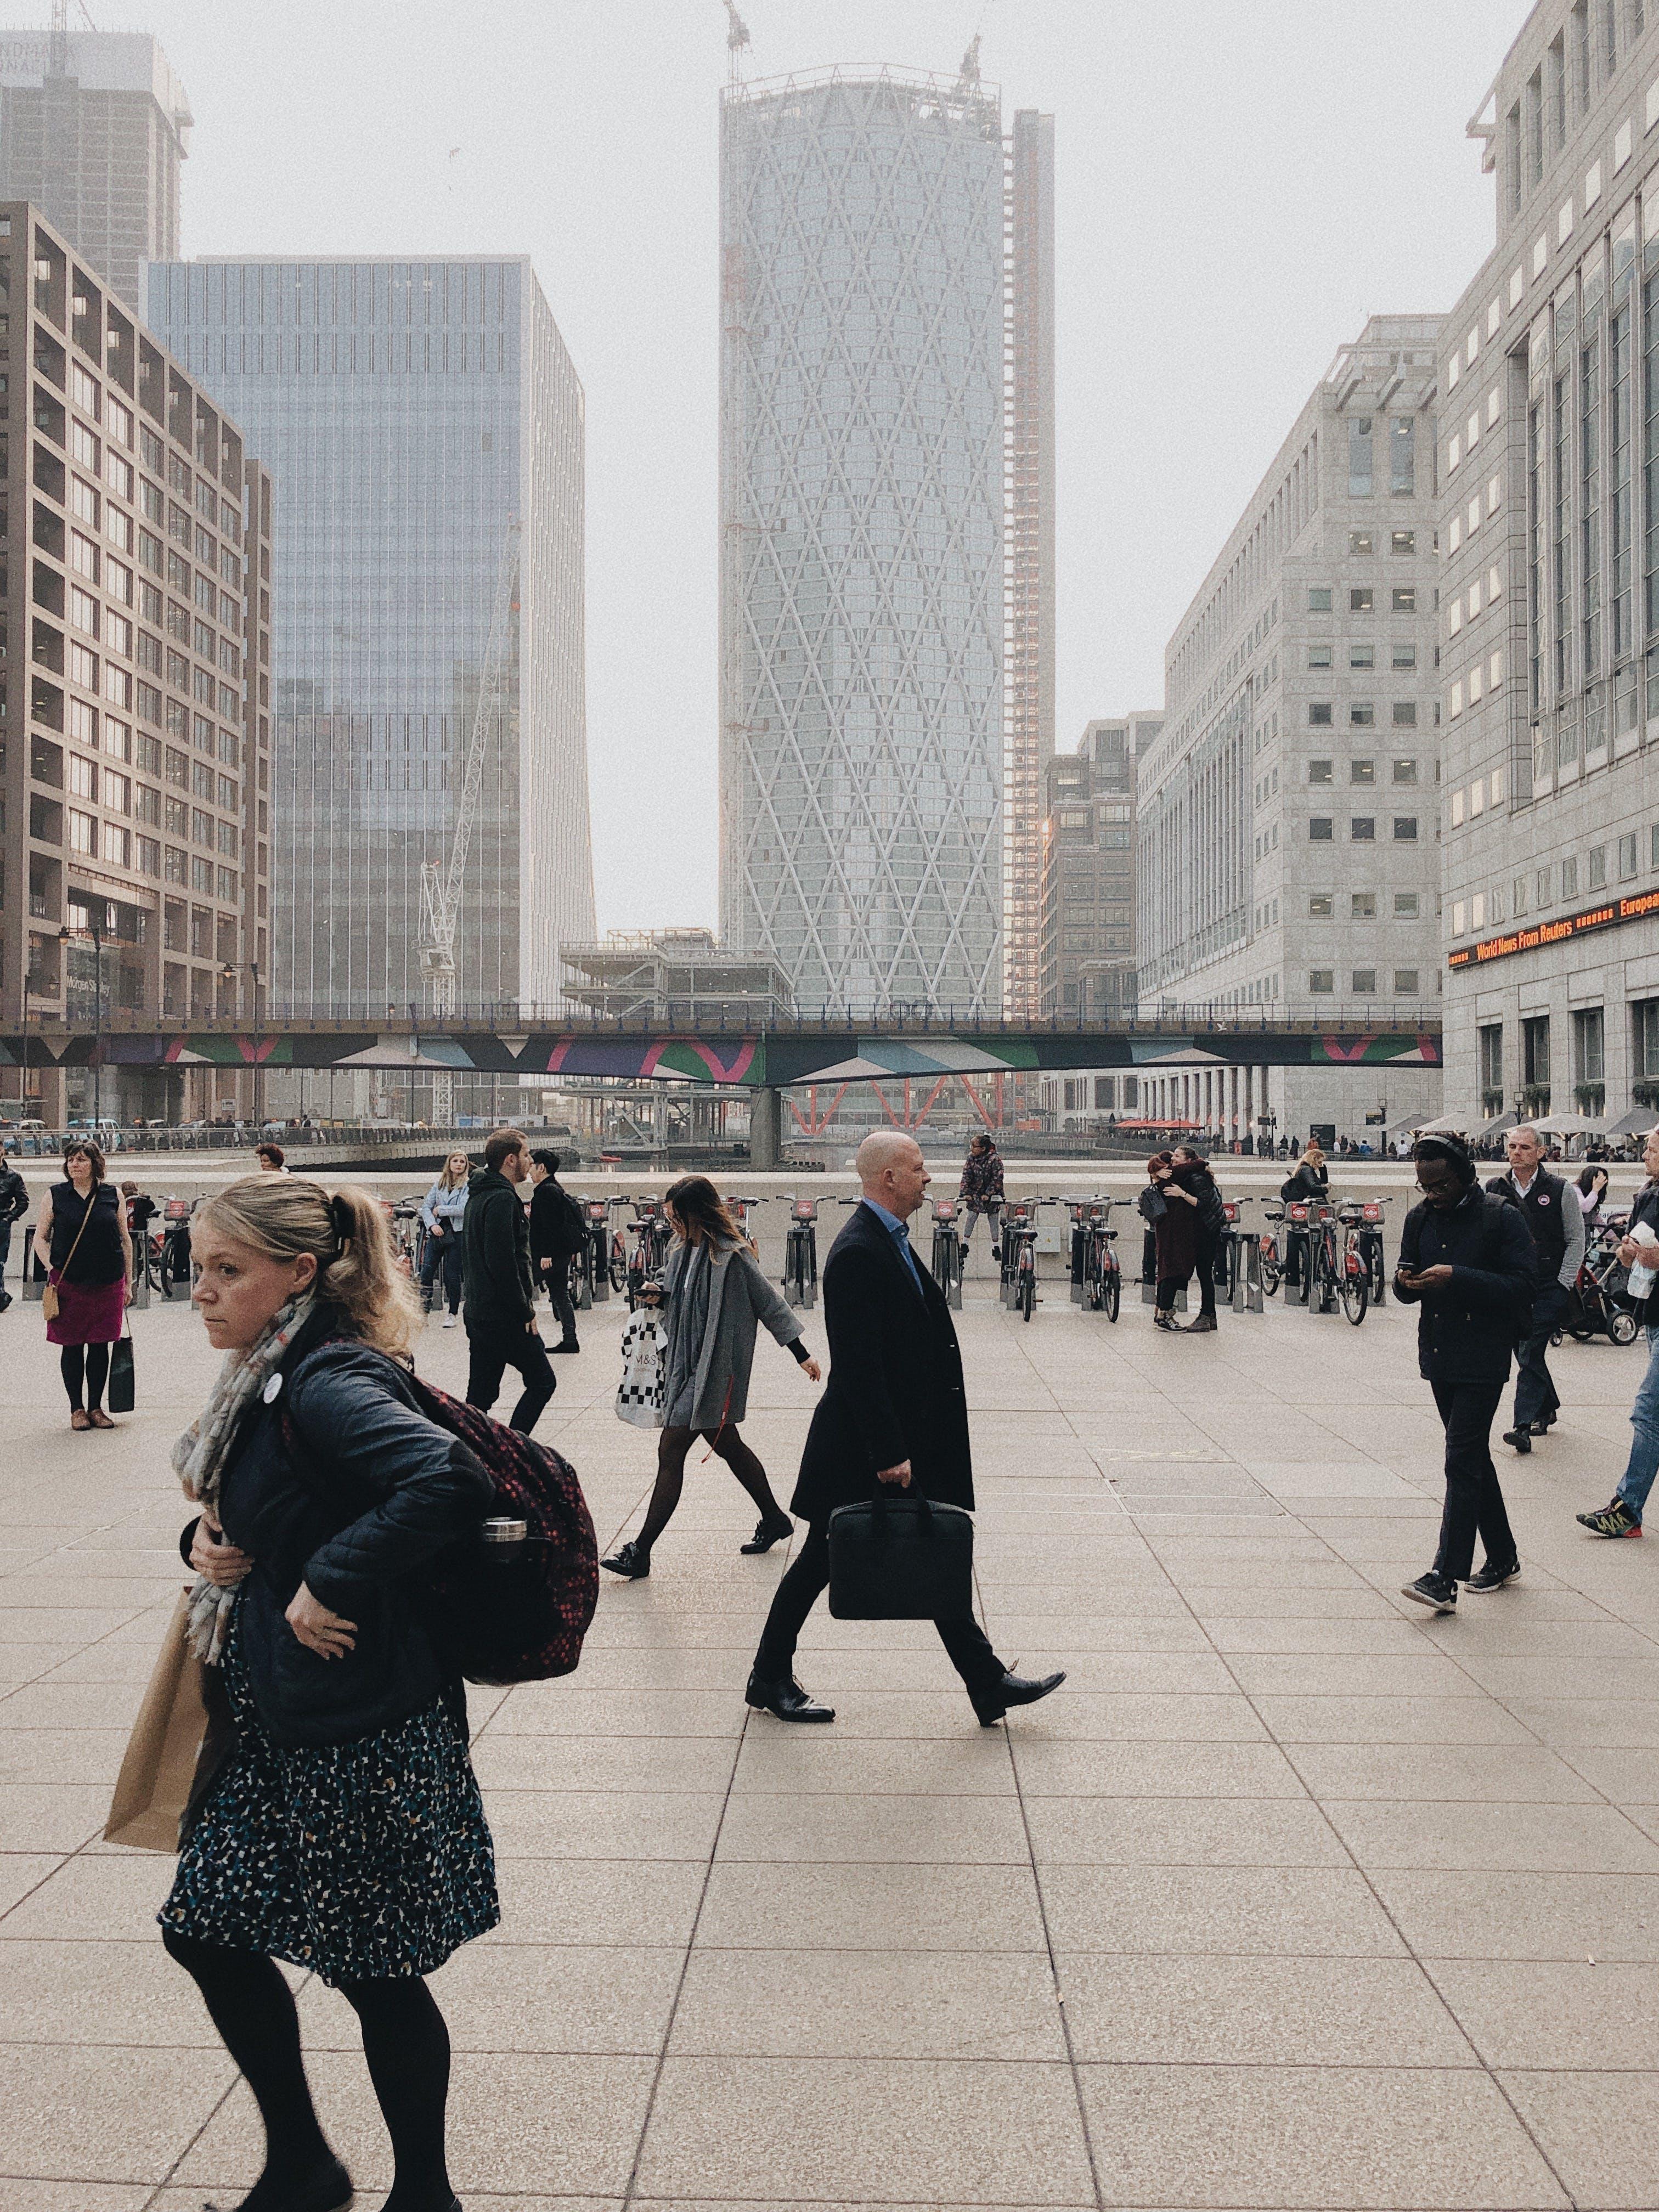 Základová fotografie zdarma na téma architektura, budovy, centrum města, cestování